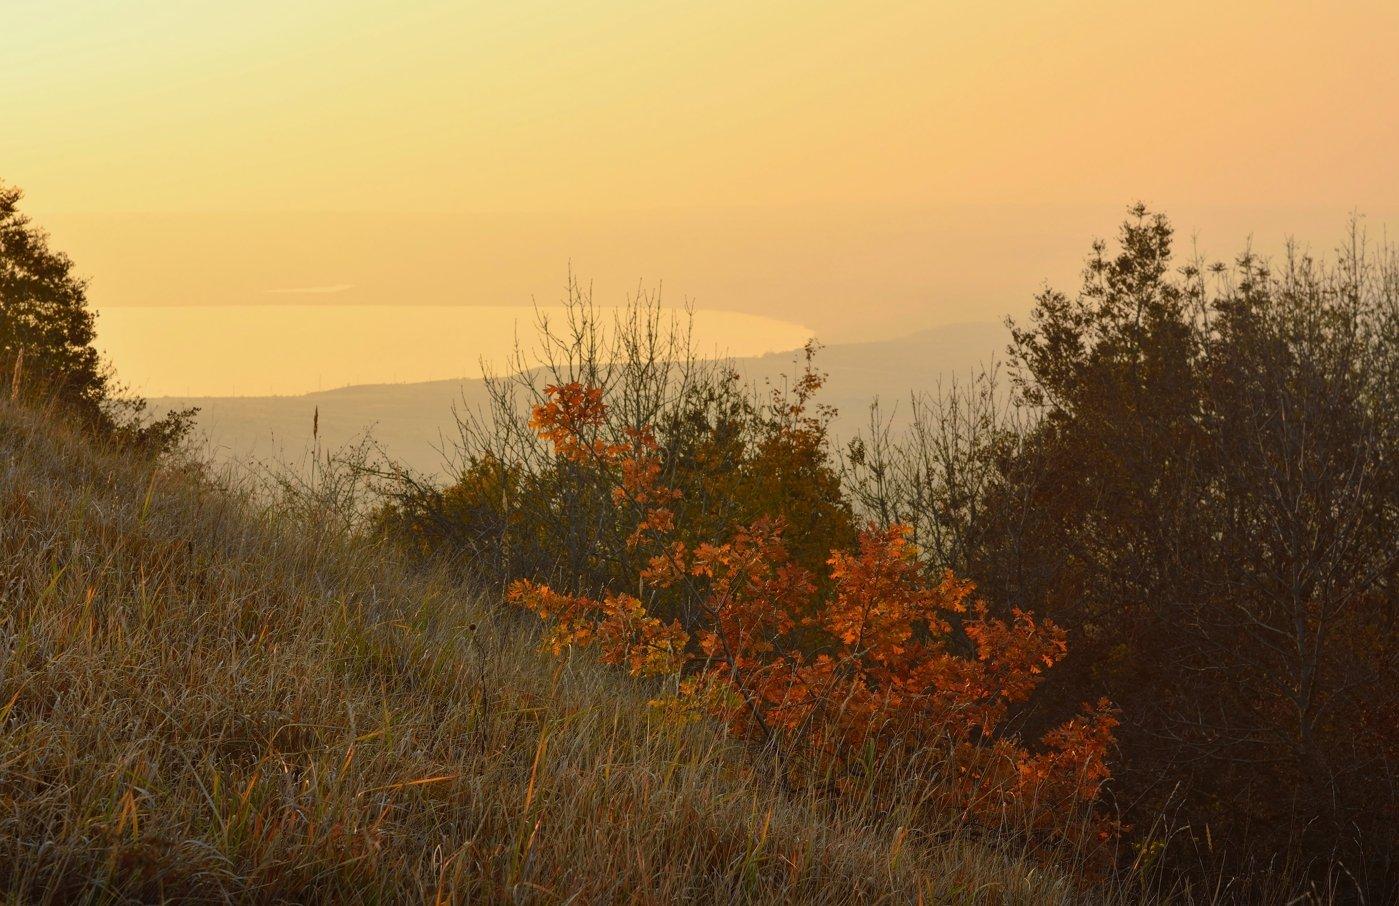 осень закат степь озеро дымка, Александр Жарников